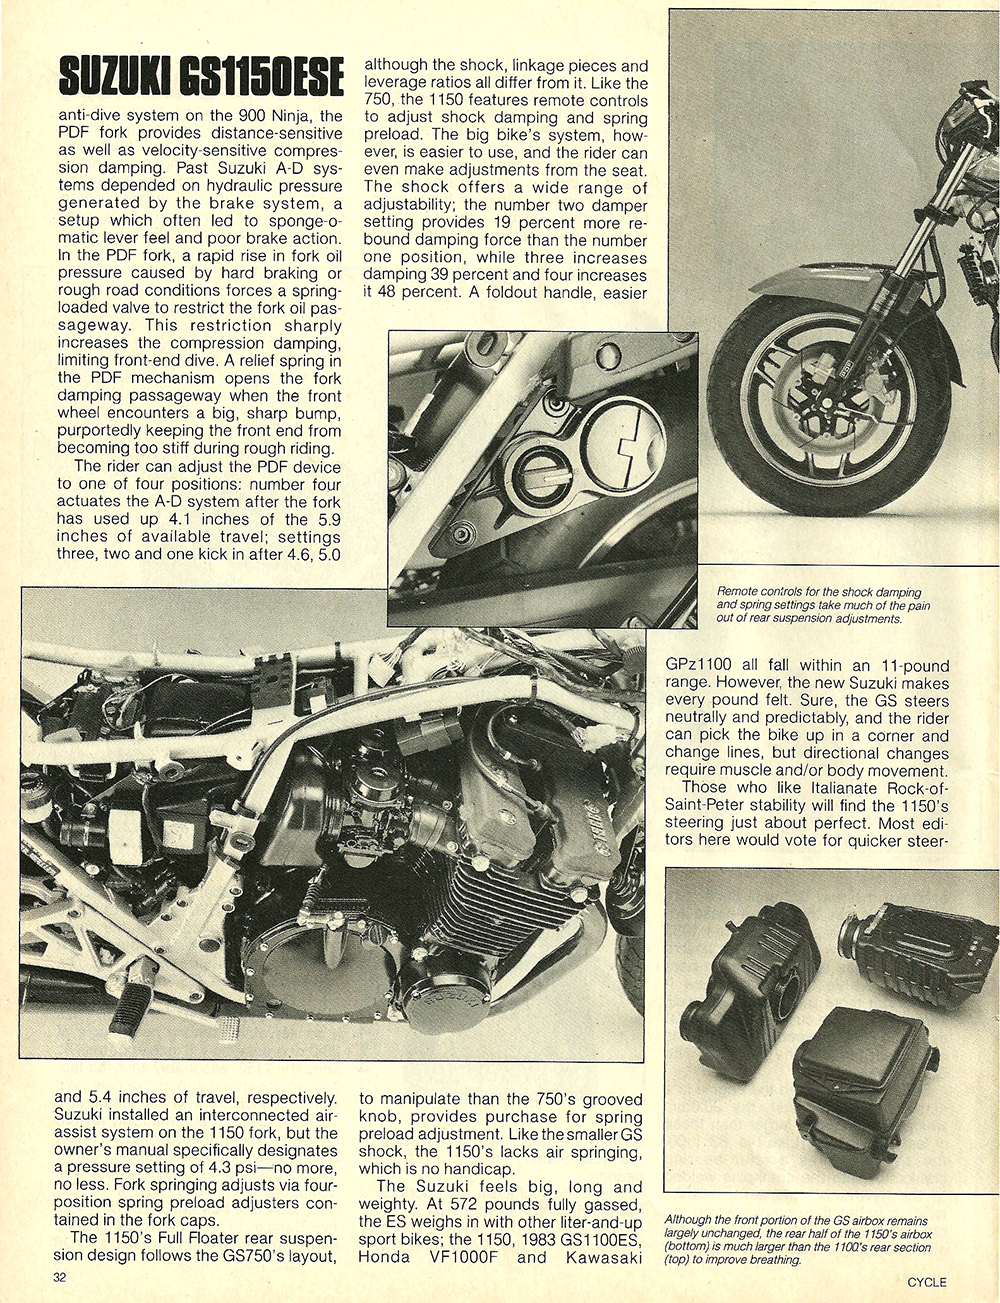 1984 Suzuki GS1150ESE road test 5.jpg